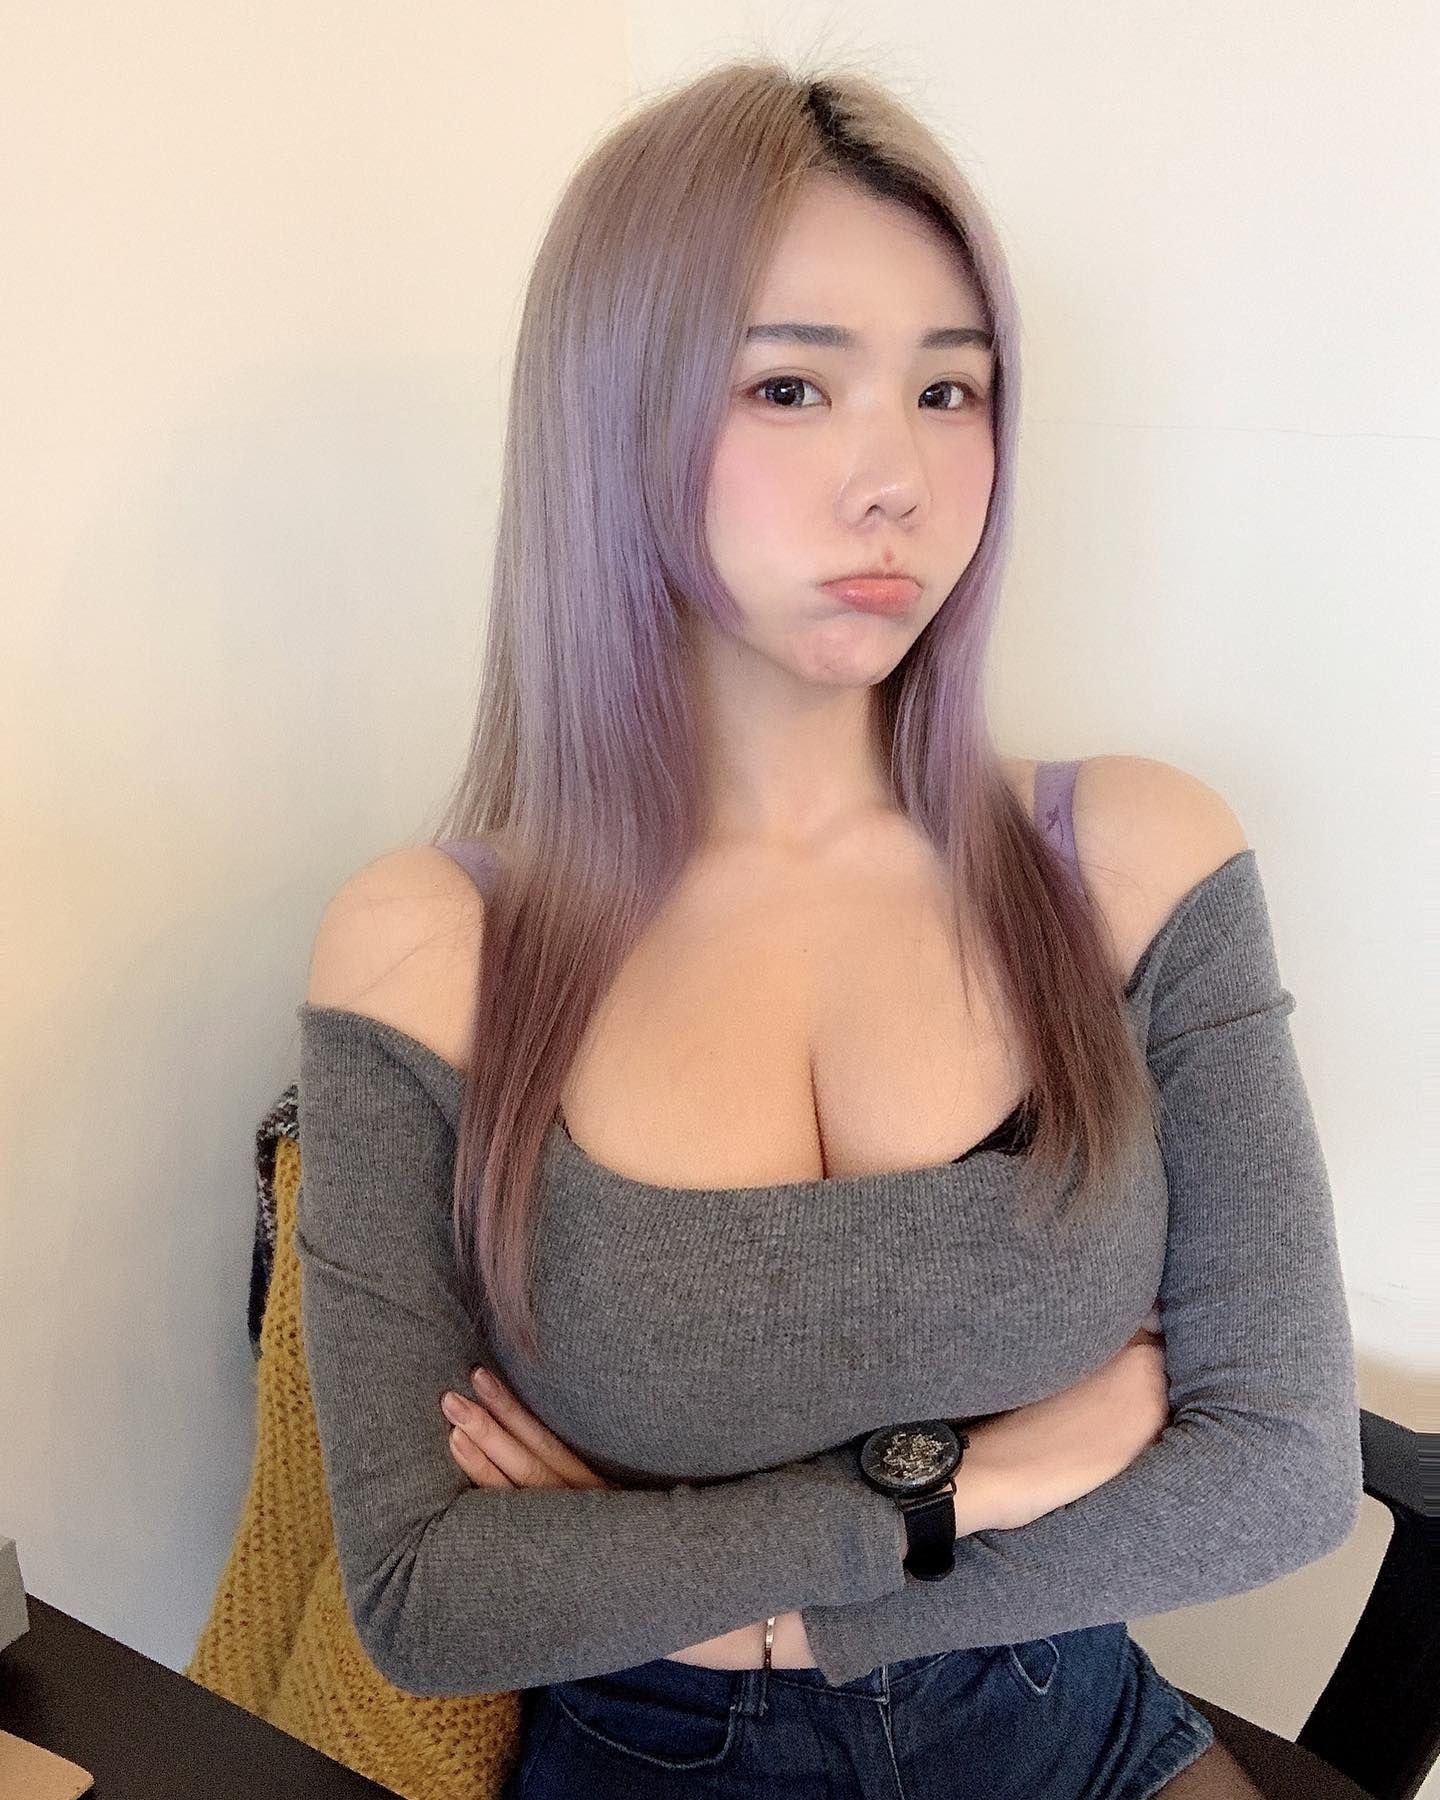 Жадная азиатка никак не отпускает парня